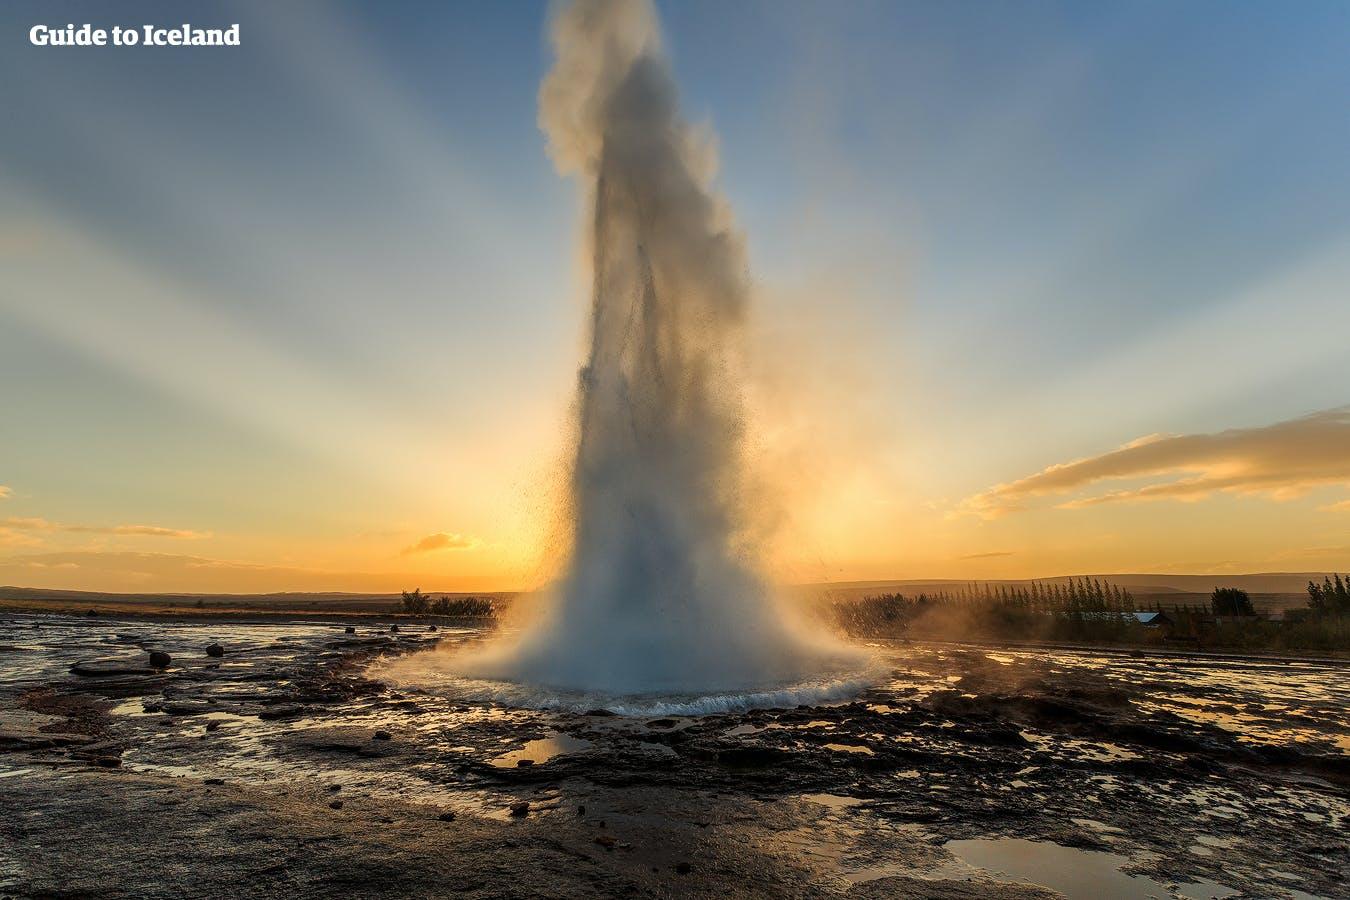 In Island gibt es viele vulkanische Ort. Der berühmteste ist die Geothermalregion Geysir.